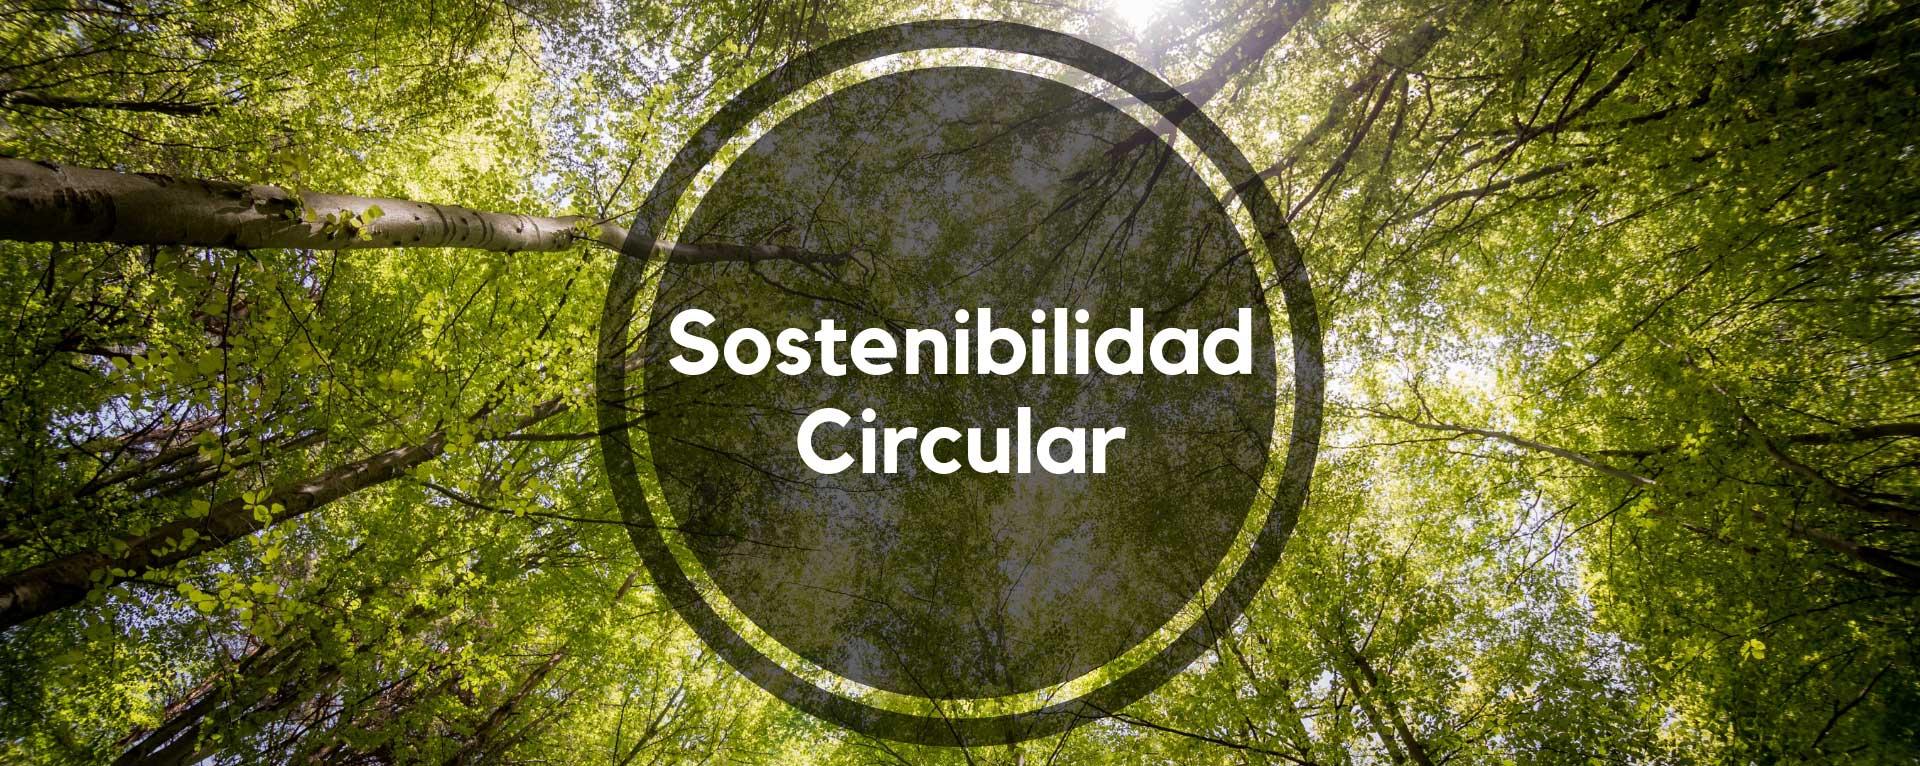 Sostenibilidad Circular